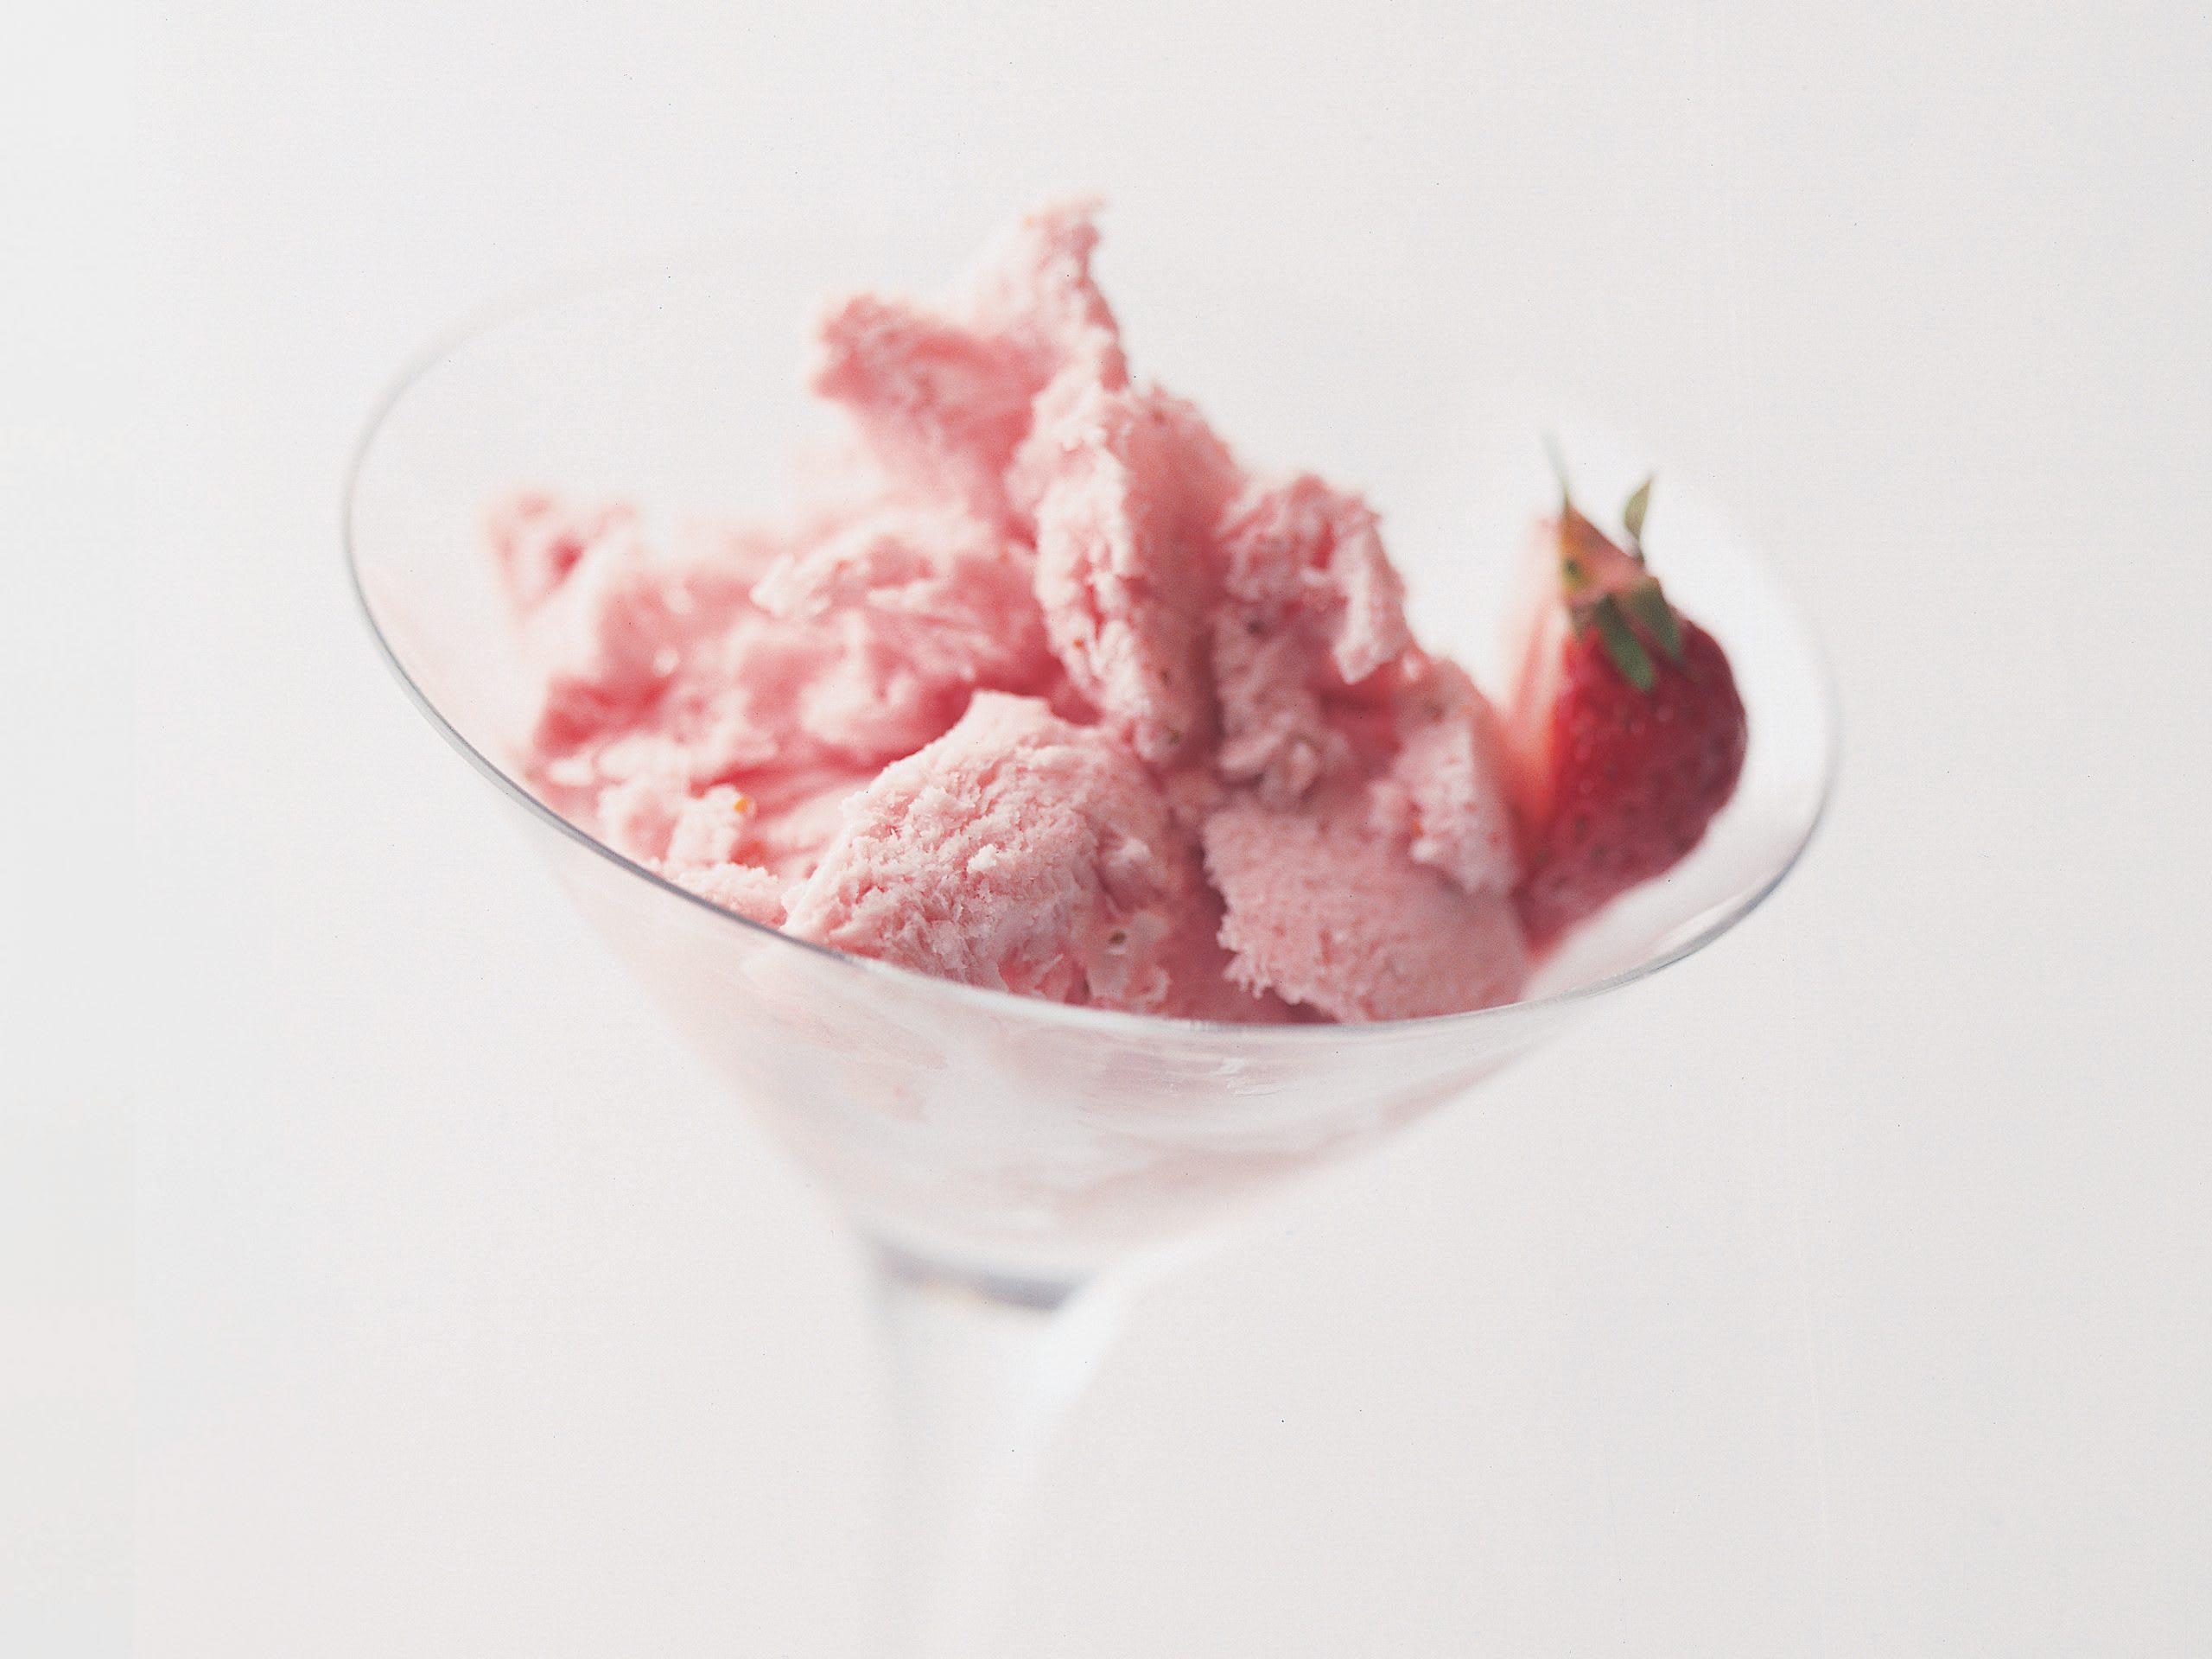 Mousse glacée aux fraises